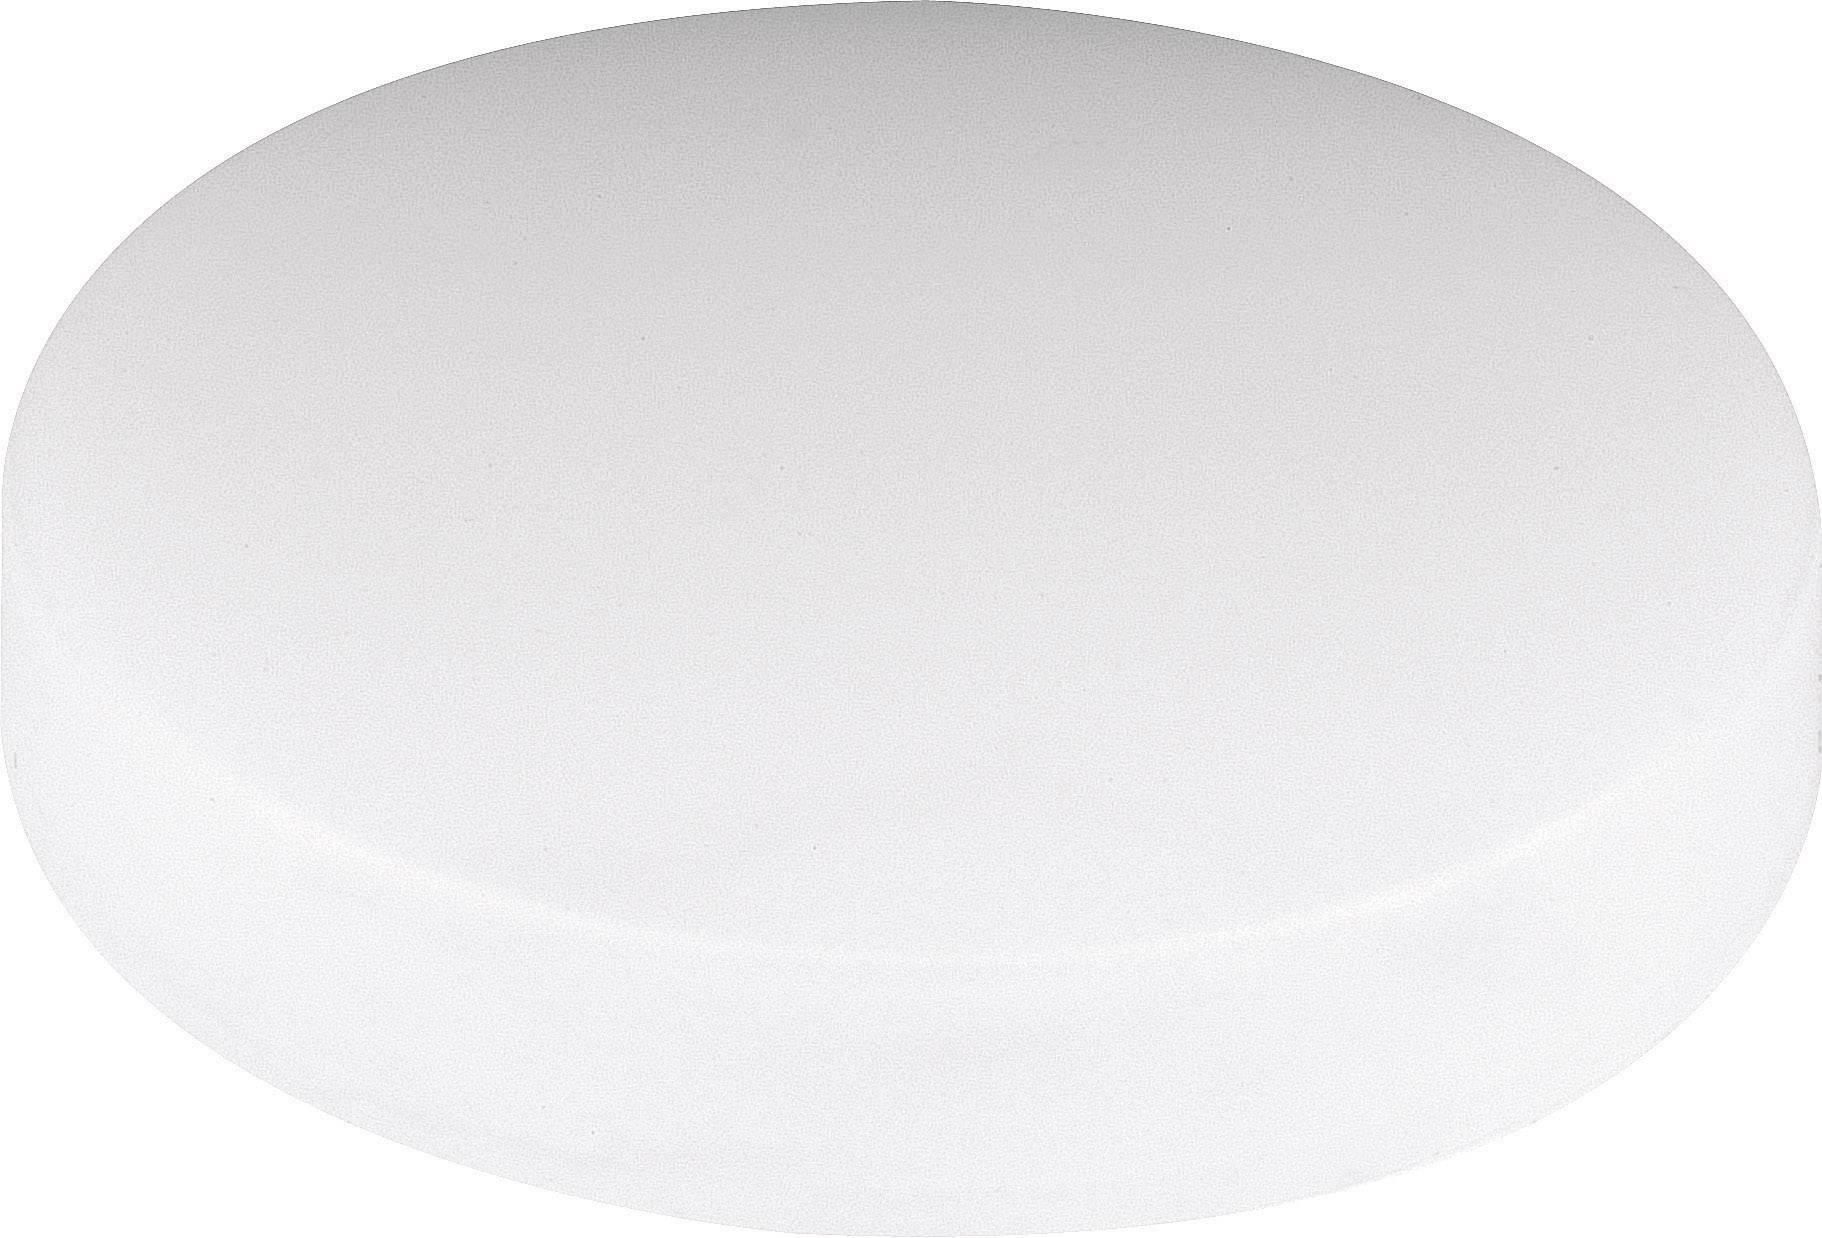 Světelná krytka pro reflektor Mentor, 2450.0200, 12 mm, (Ø x v) 13.3 mm x 3 mm, červená